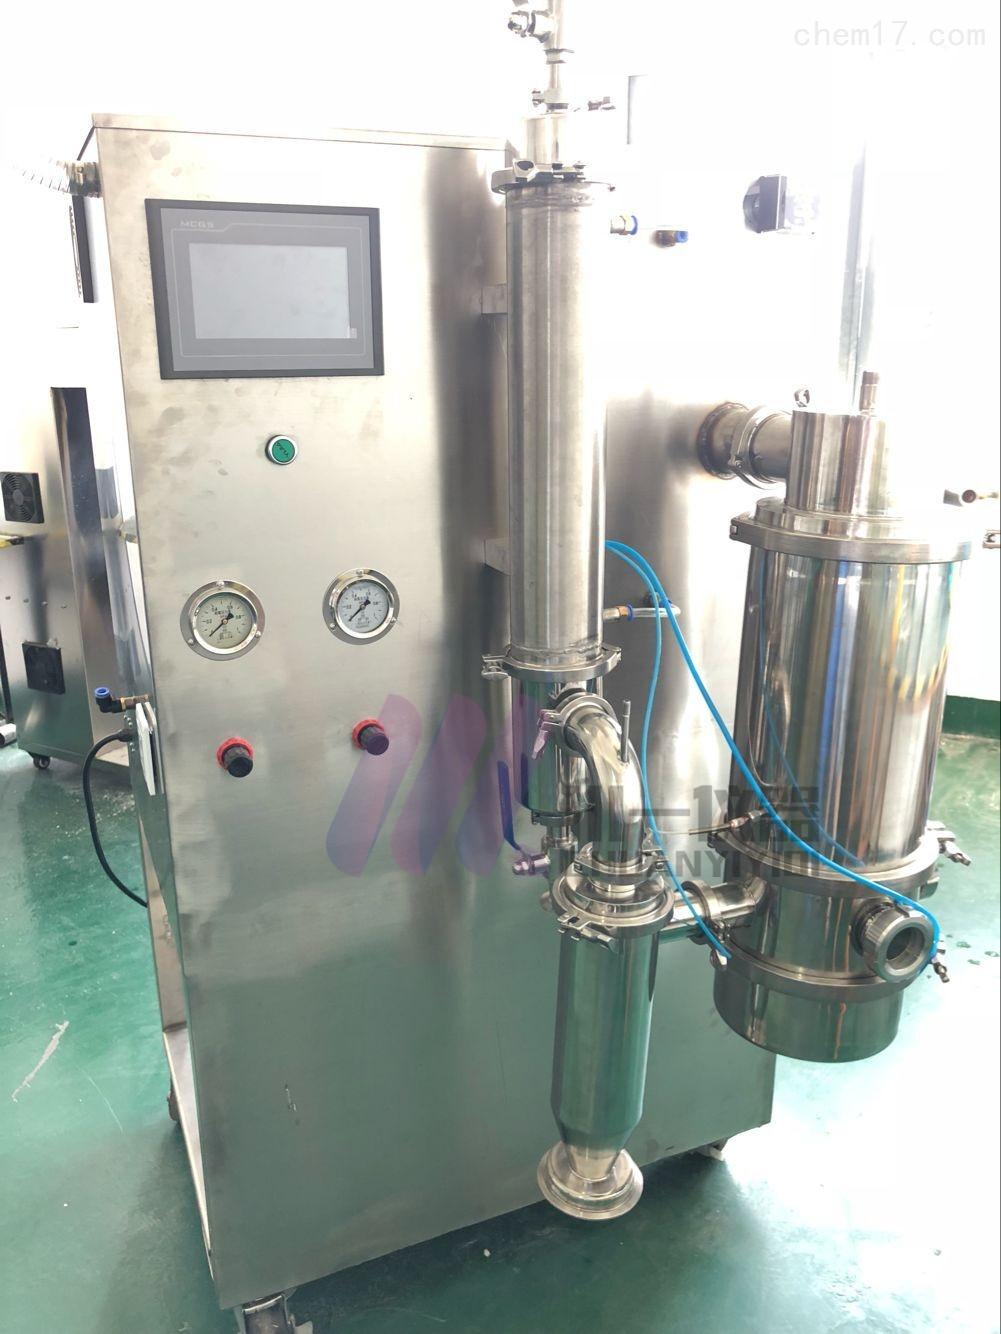 烟台低温喷雾造粒机CY-6000Y真空喷雾干燥机